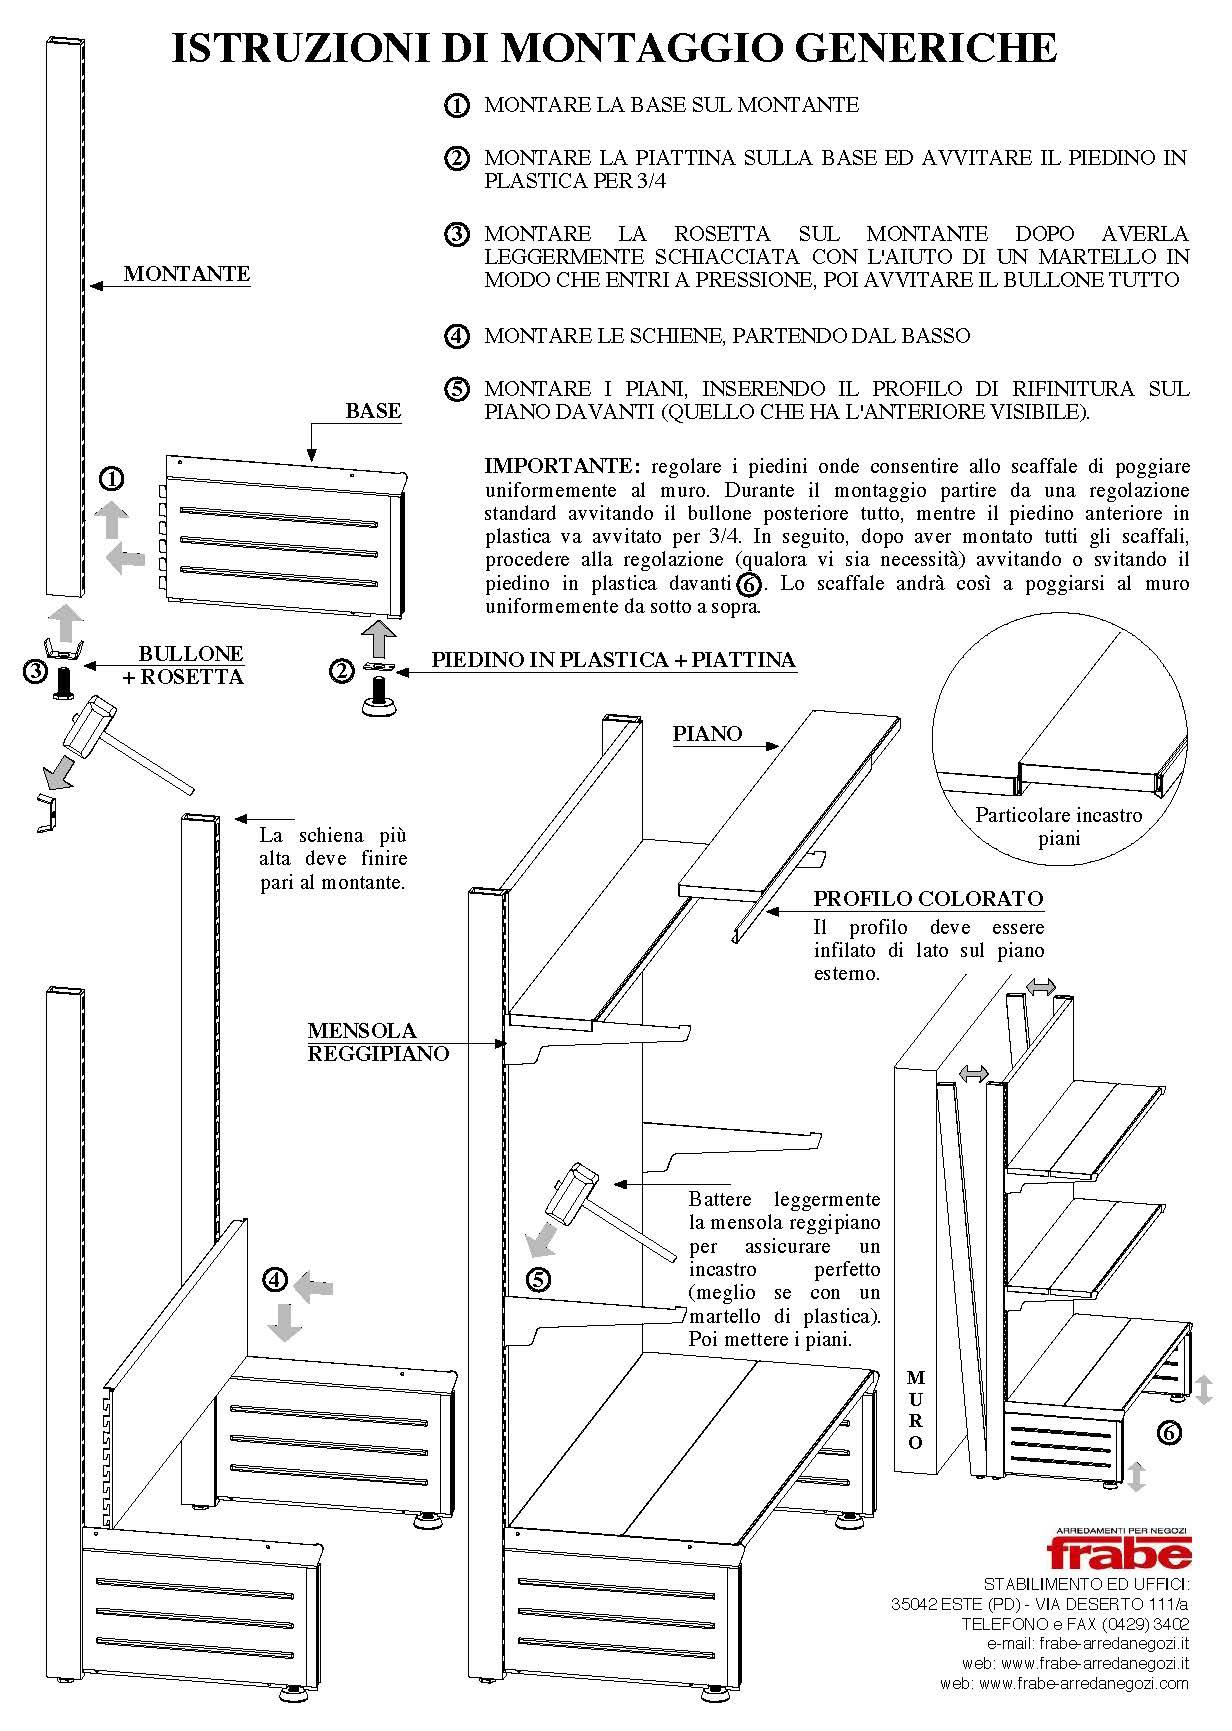 ISTRUZIONI DI MONTAGGIO GENERICHE1